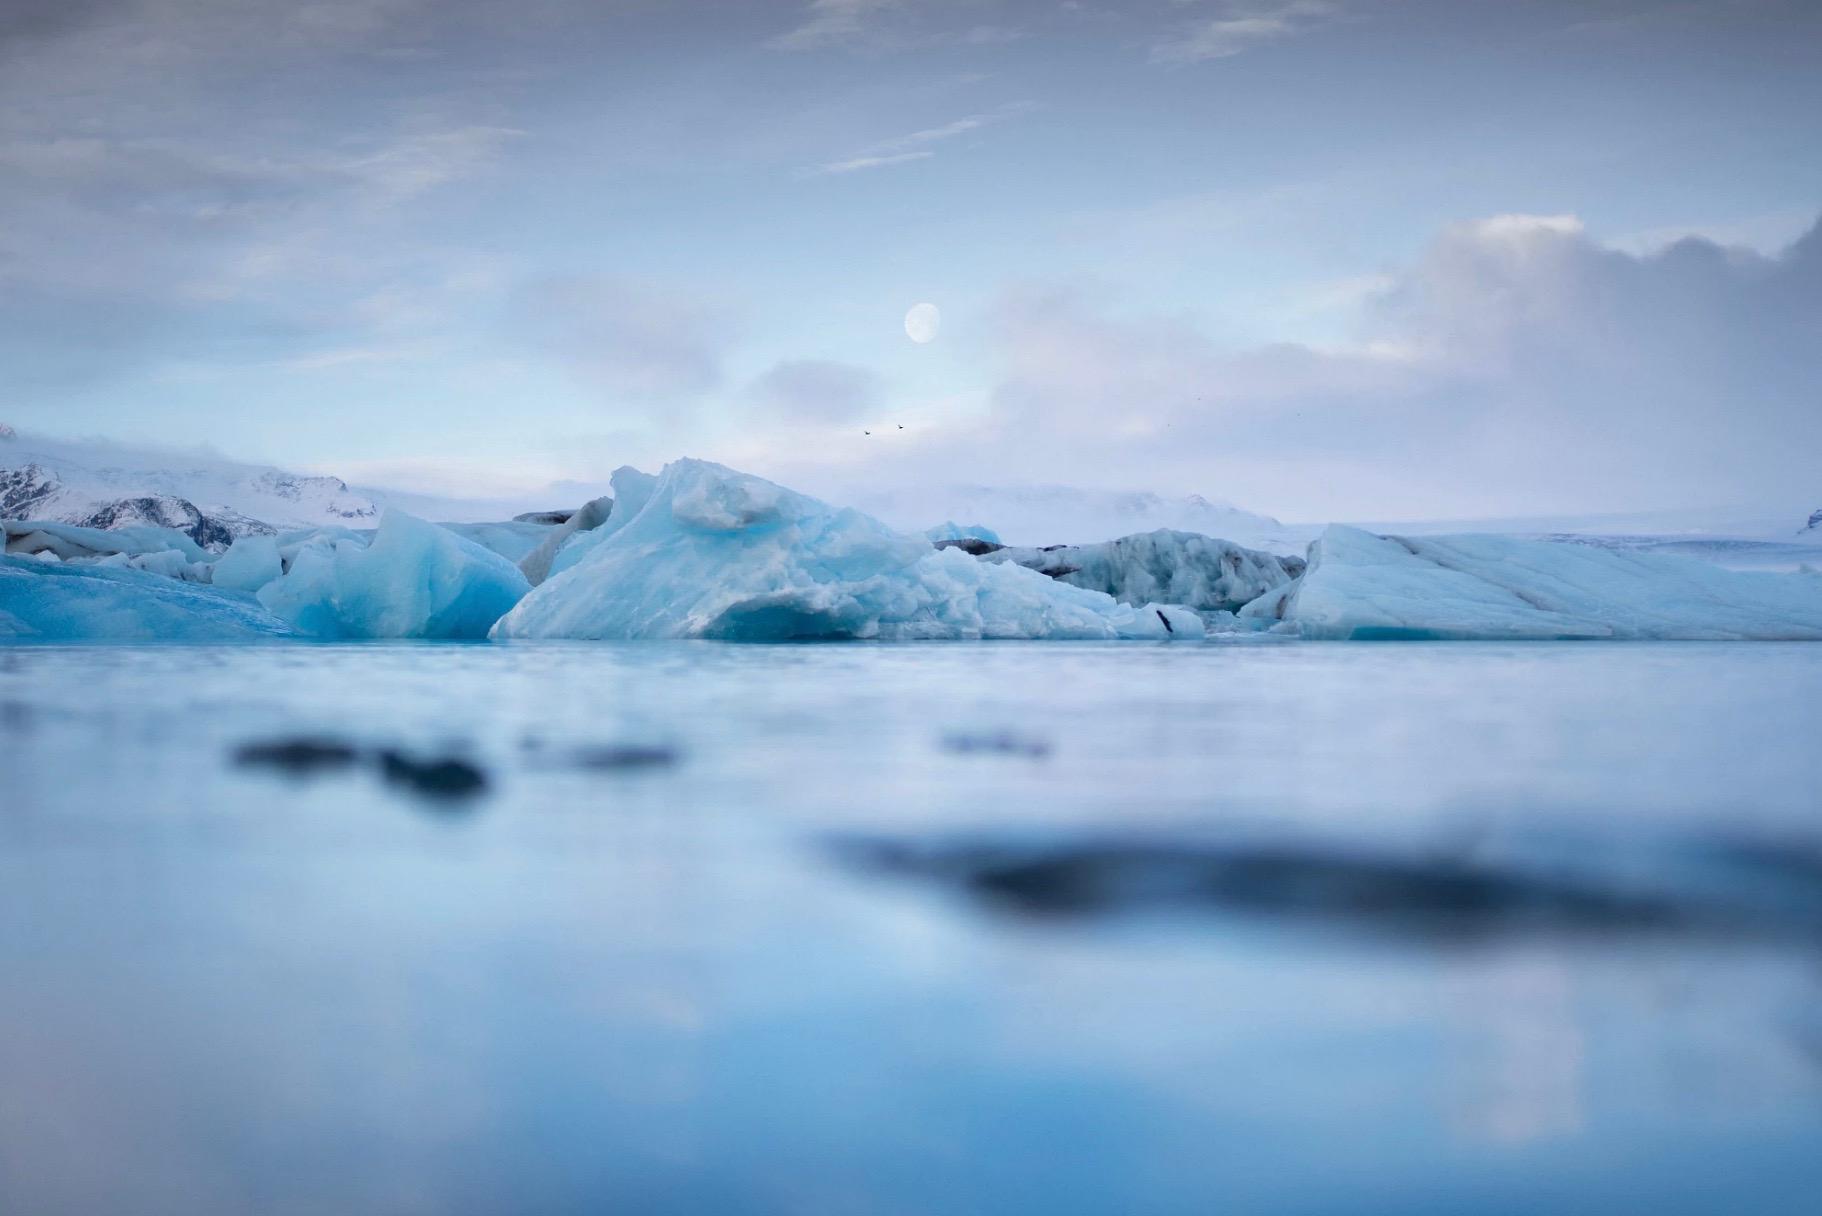 《曬冰島 UNLOCK ICELAND 》旅遊書上沒提過的冰島 - UNLOCK ICELAND